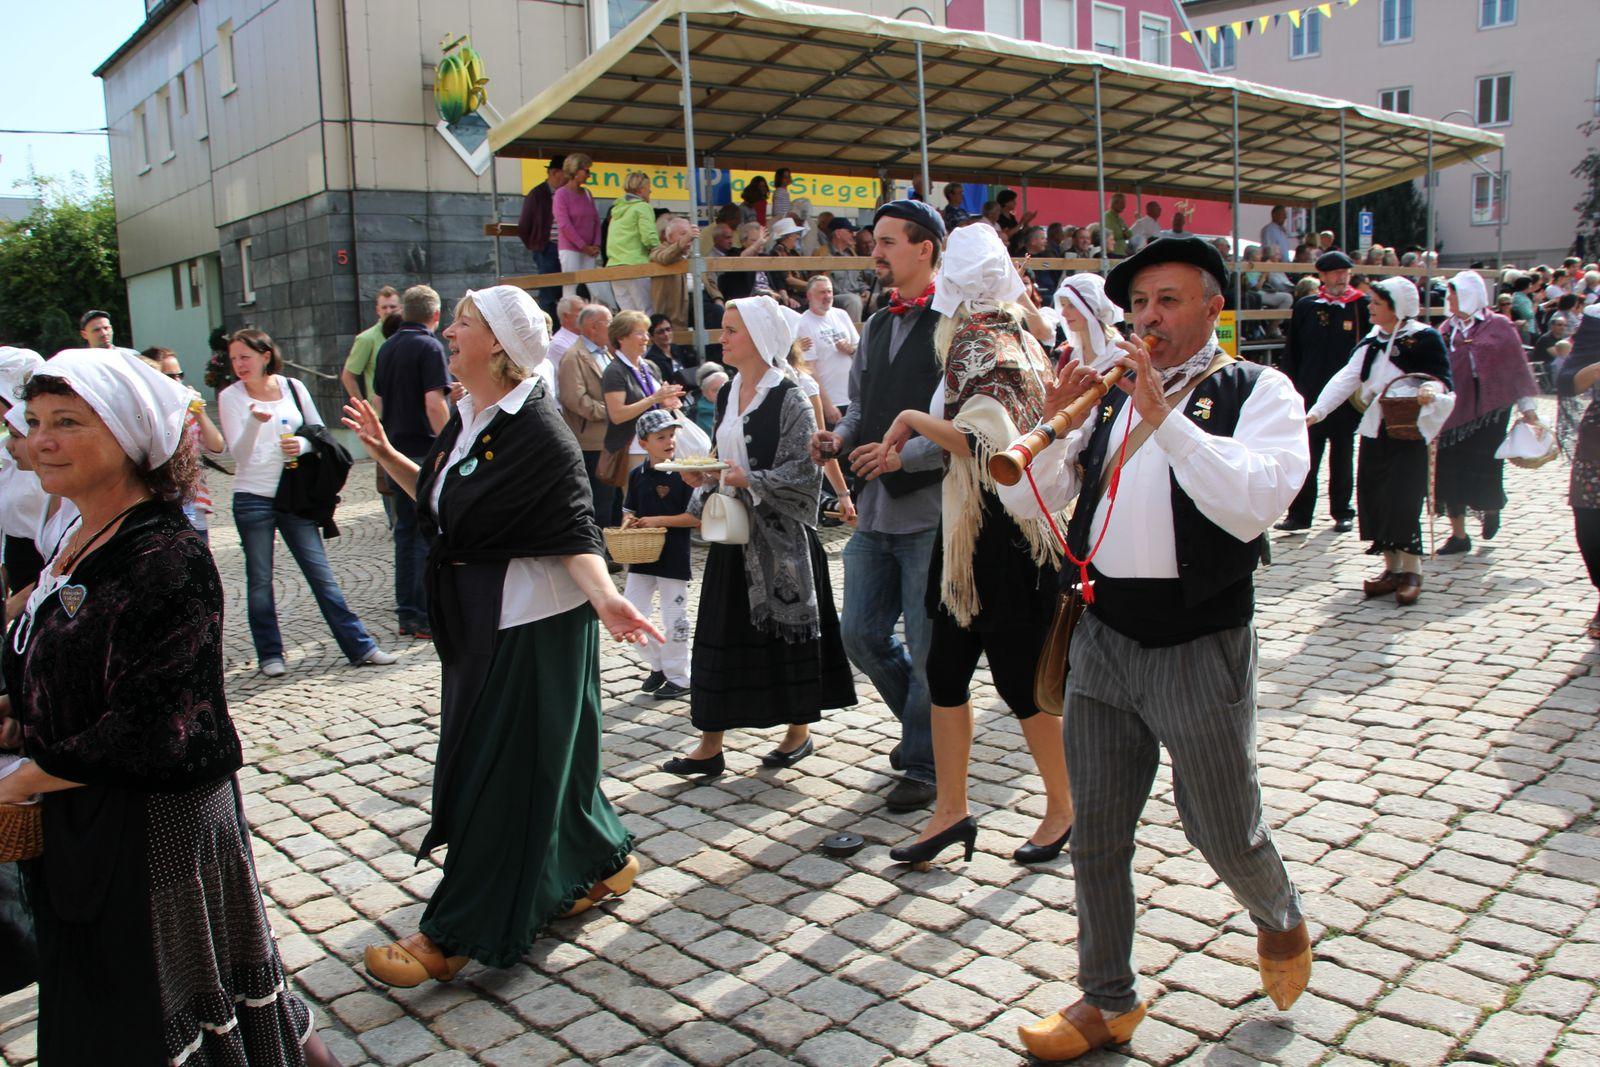 Jumelages-Amitiés aus Pamiers in Crailsheim, unterstützt von 44 Deutschen beim Volksfestumzug 2011